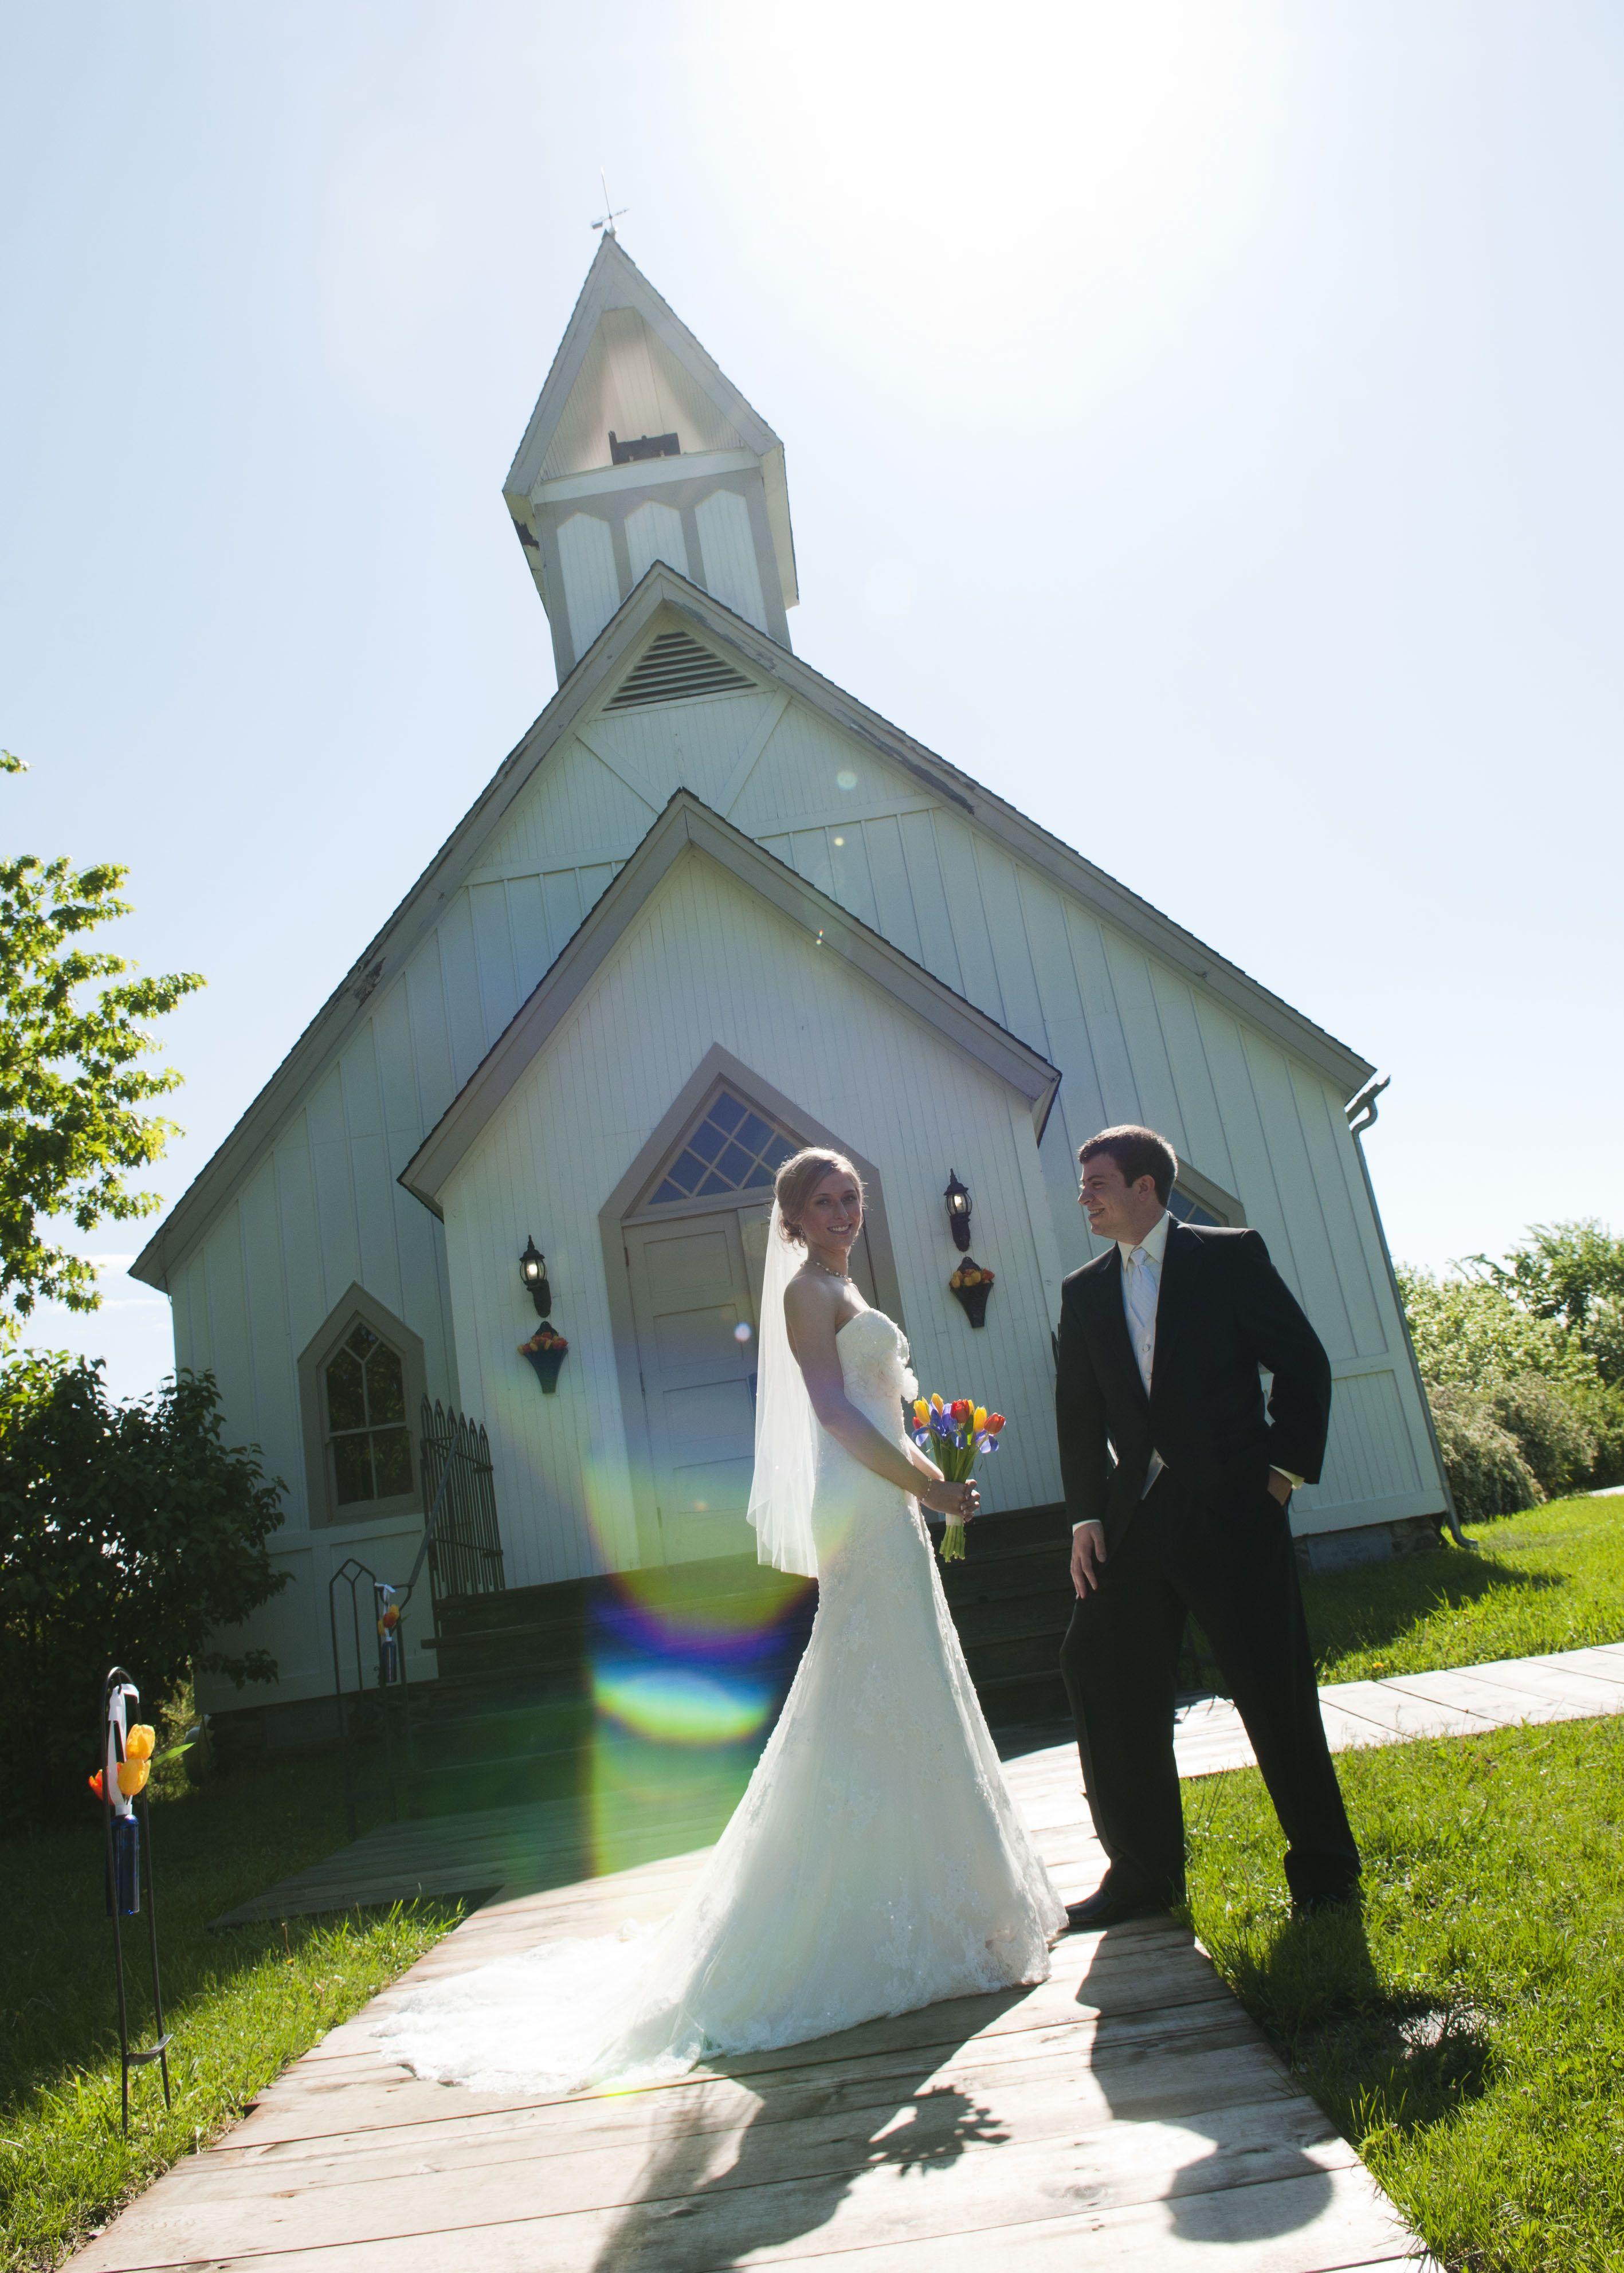 Wedding Photo Shoot At Living History Farms